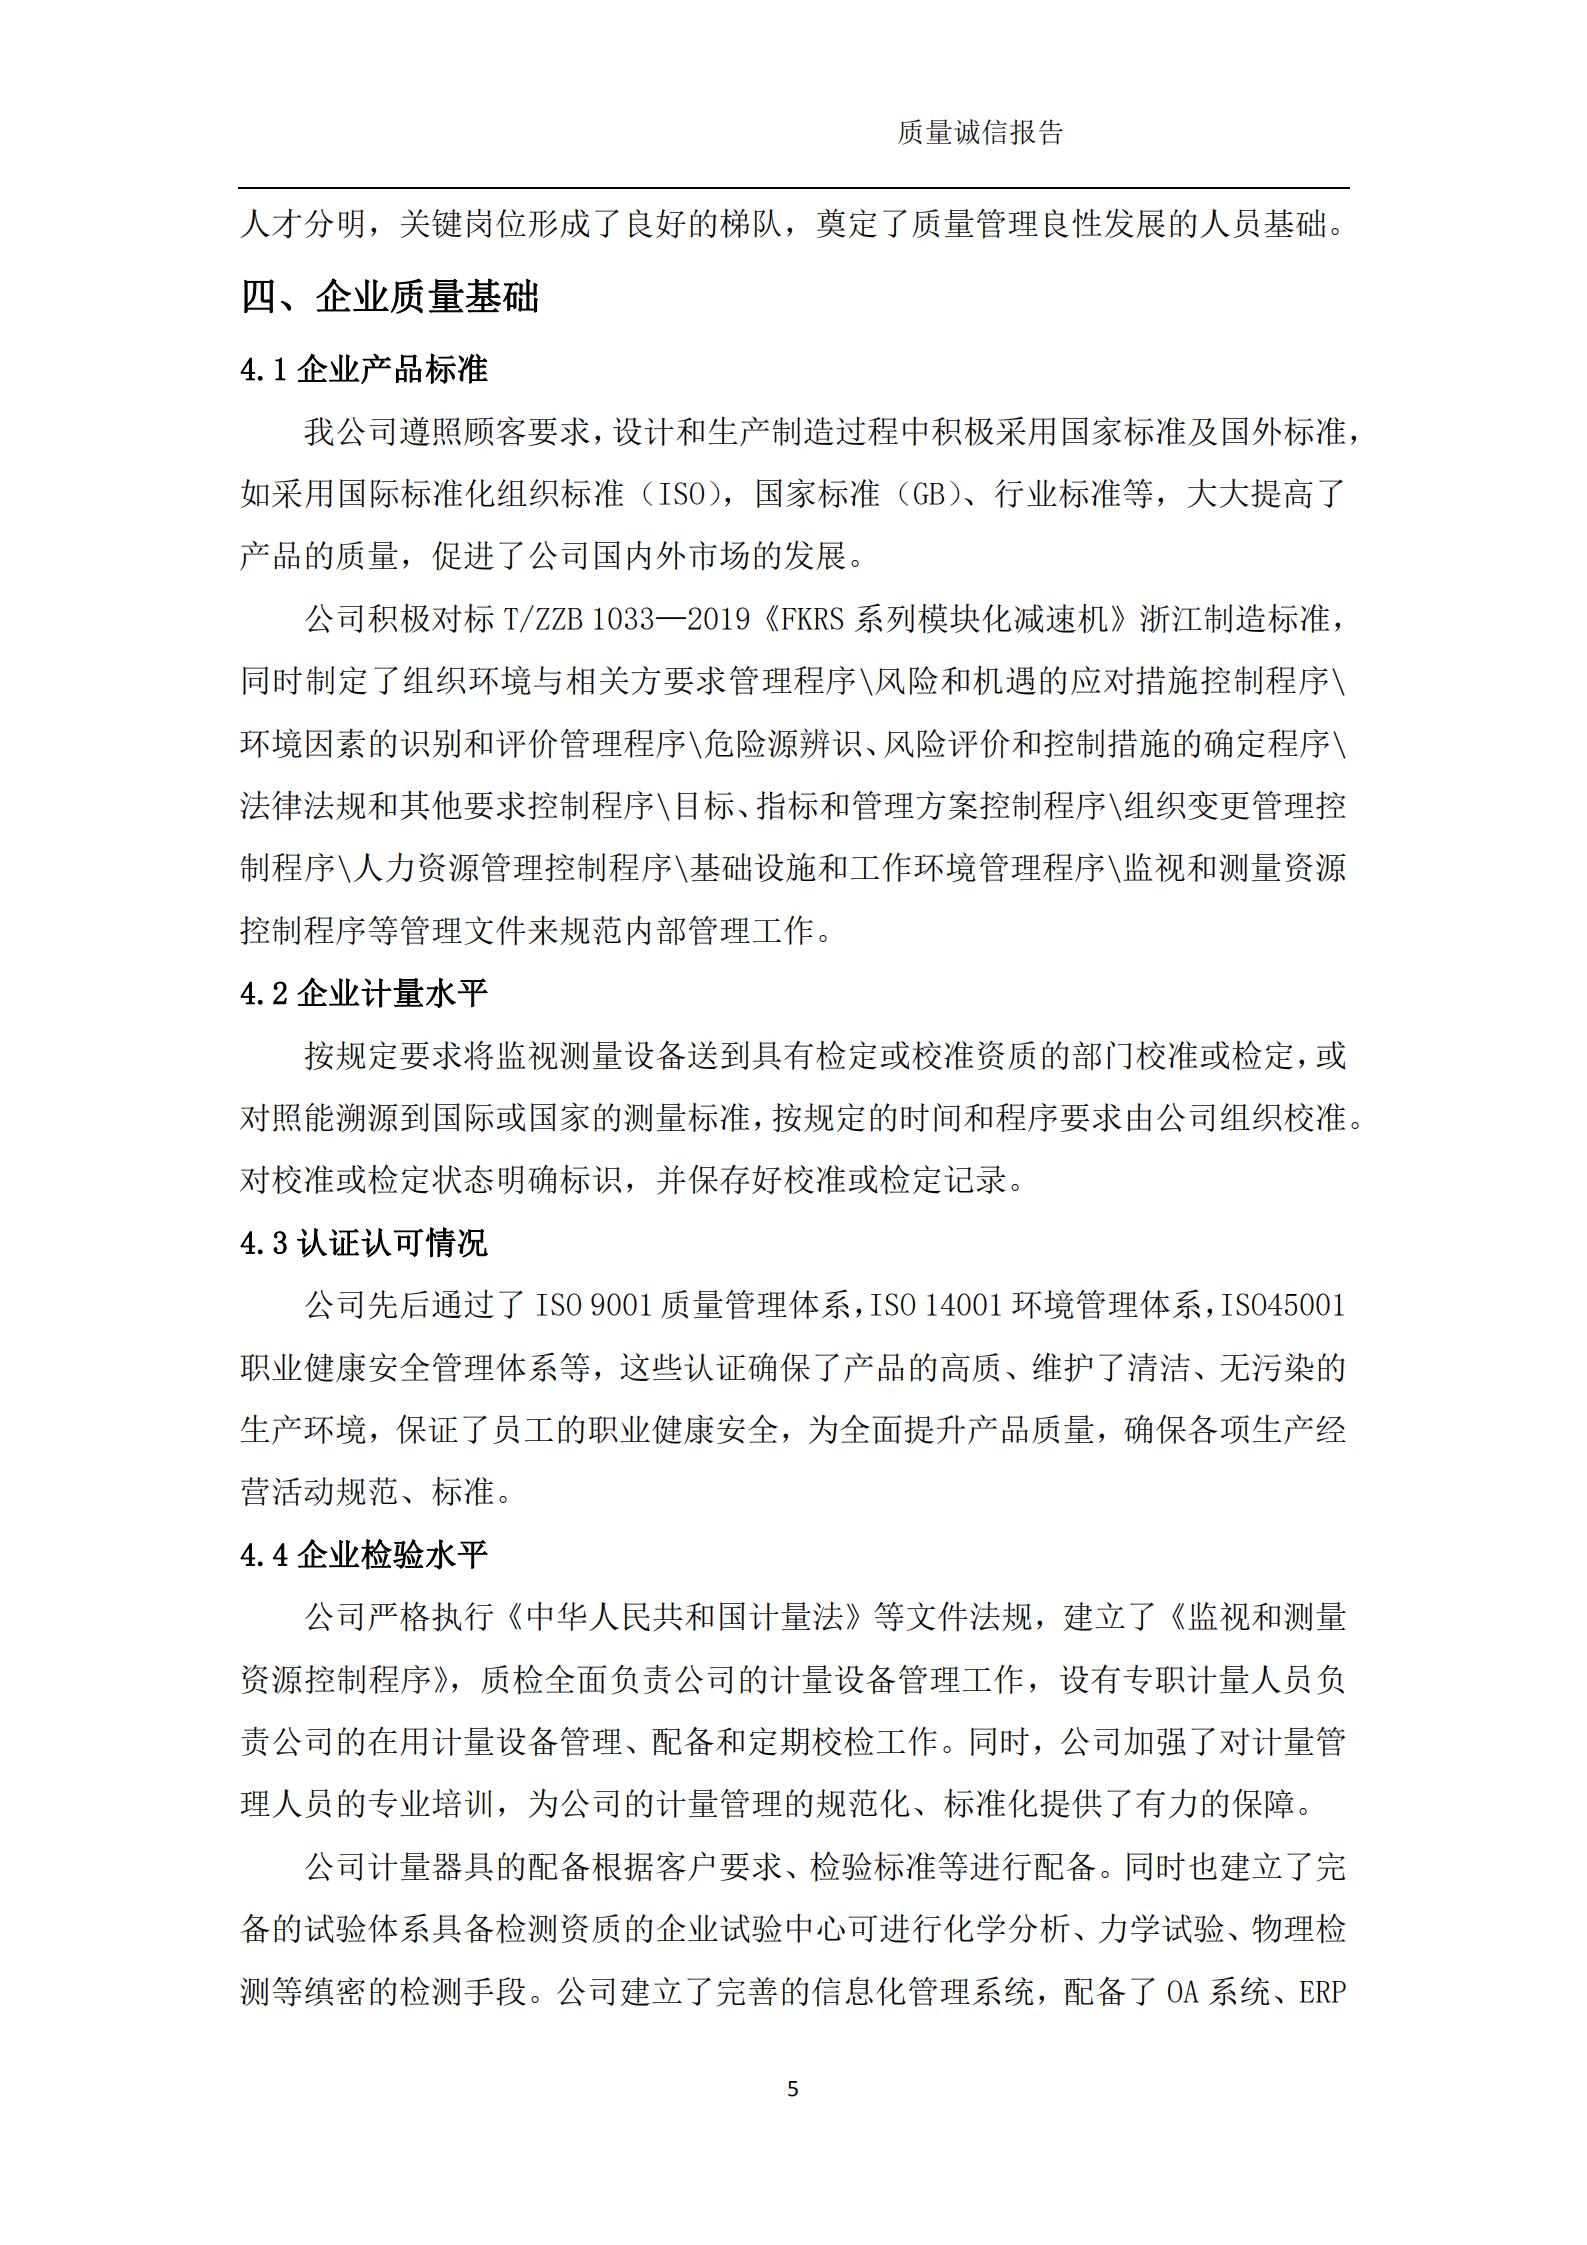 浙江新诚减速机科技有限公司-质量诚信报告(1)_06.png